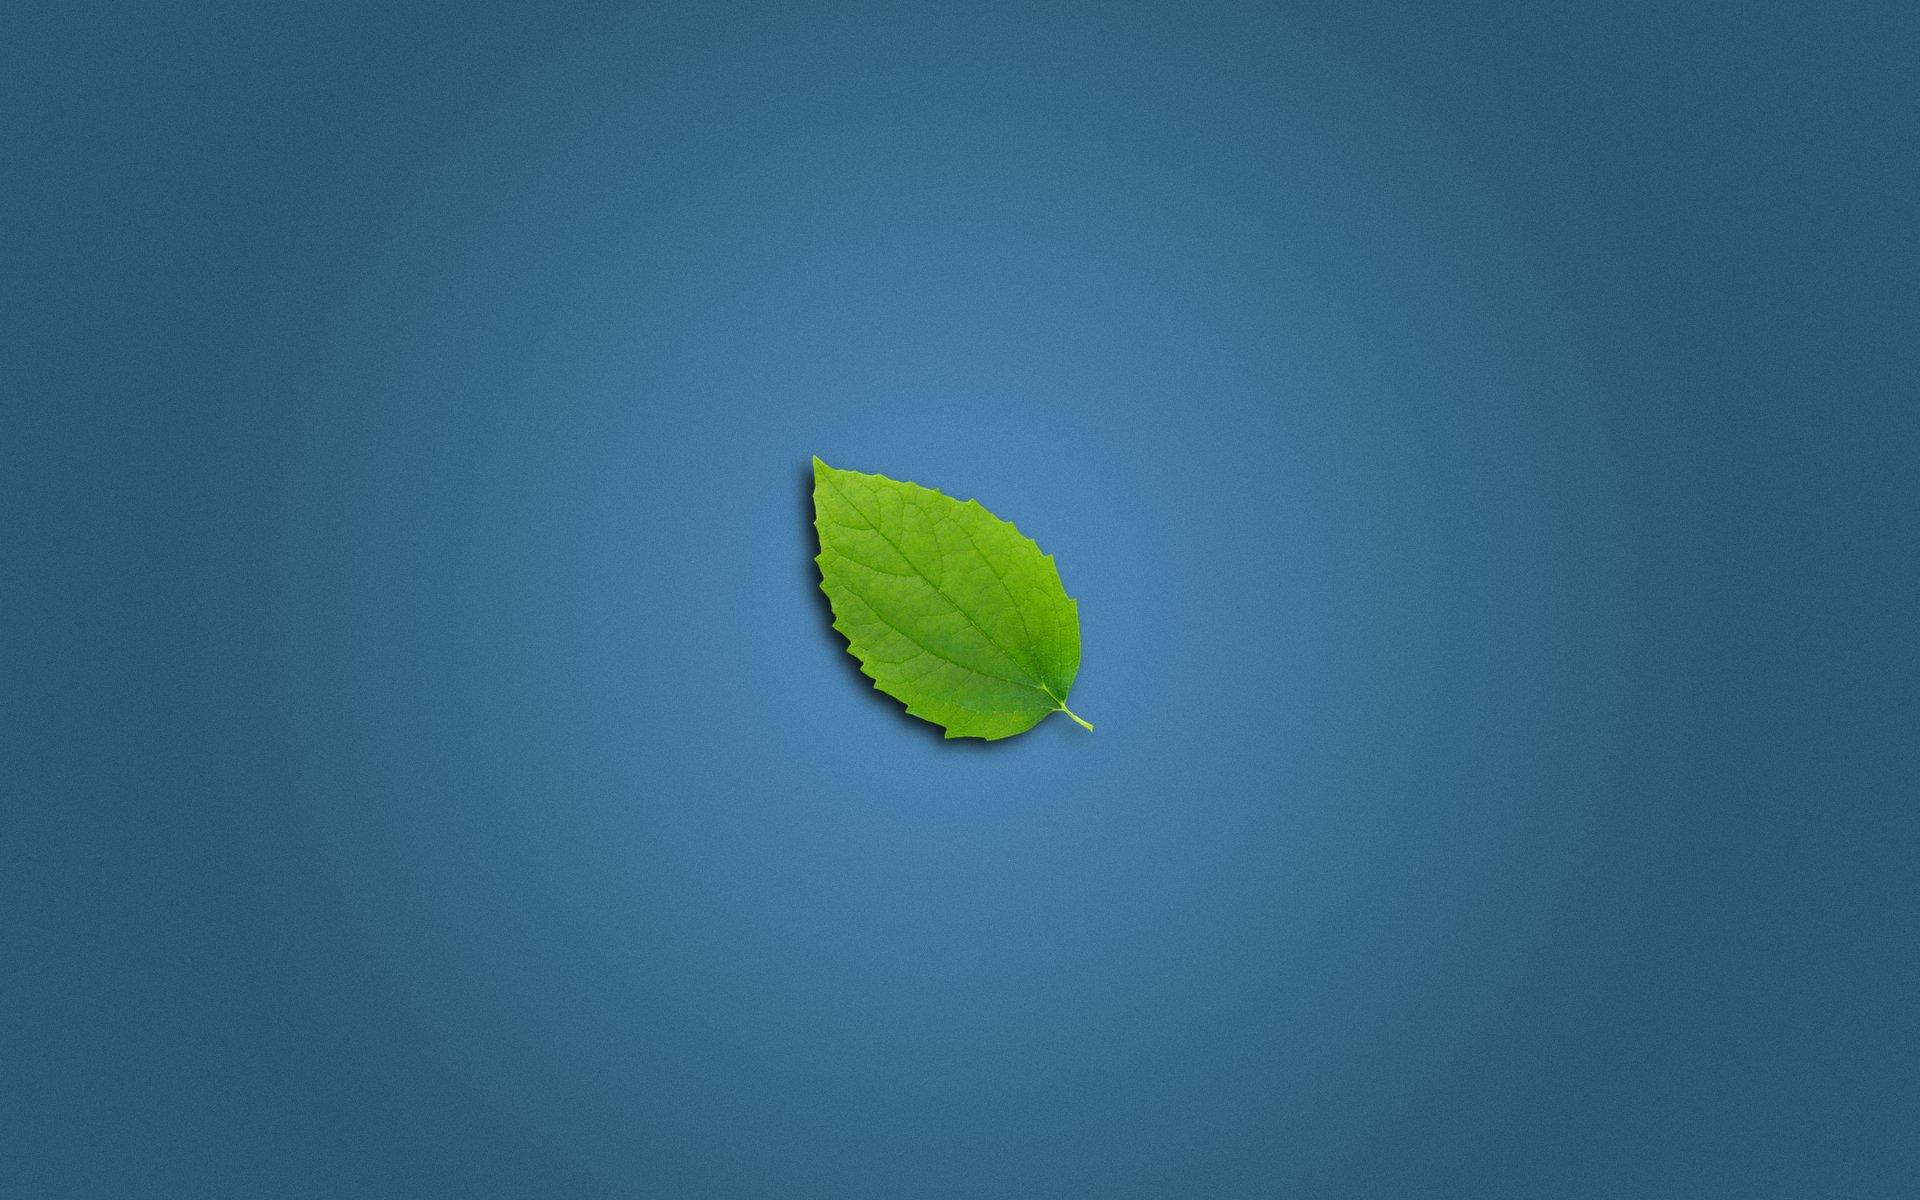 заставка, лист, зеленый